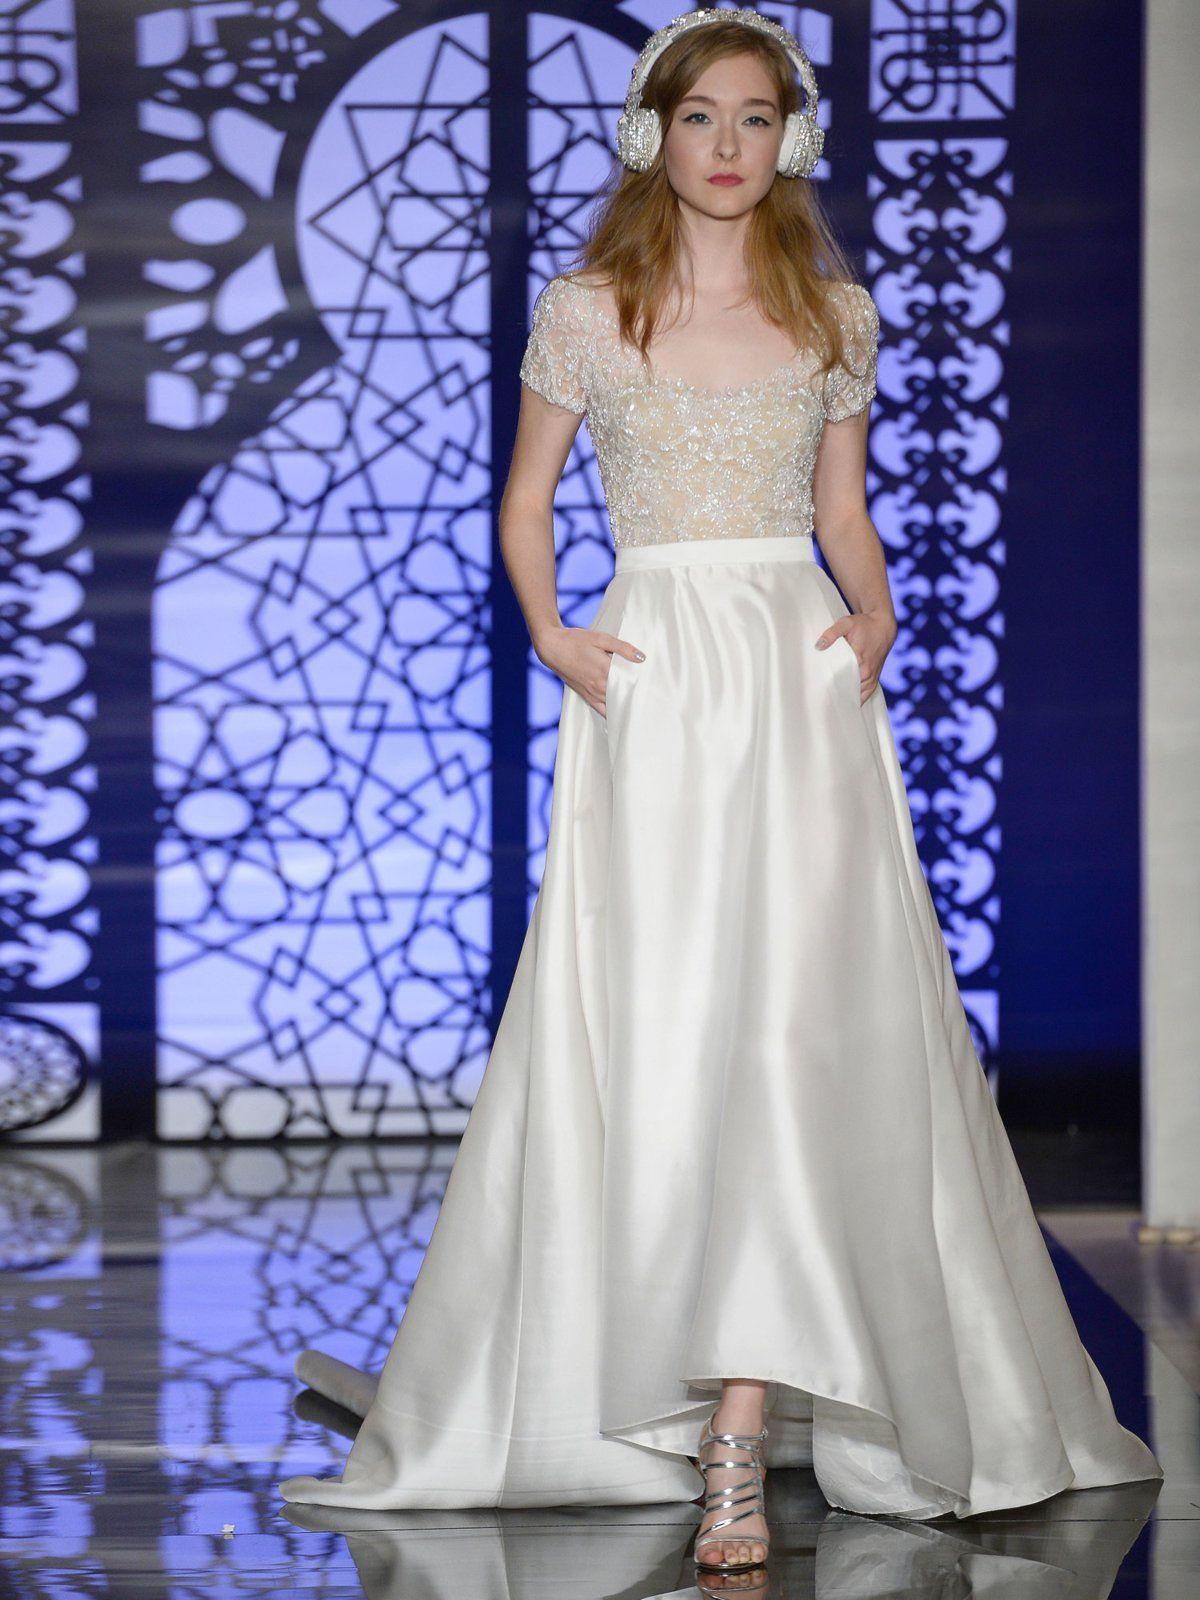 17 Schön Abendkleider Jungfrau Bester Preis Großartig Abendkleider Jungfrau Stylish